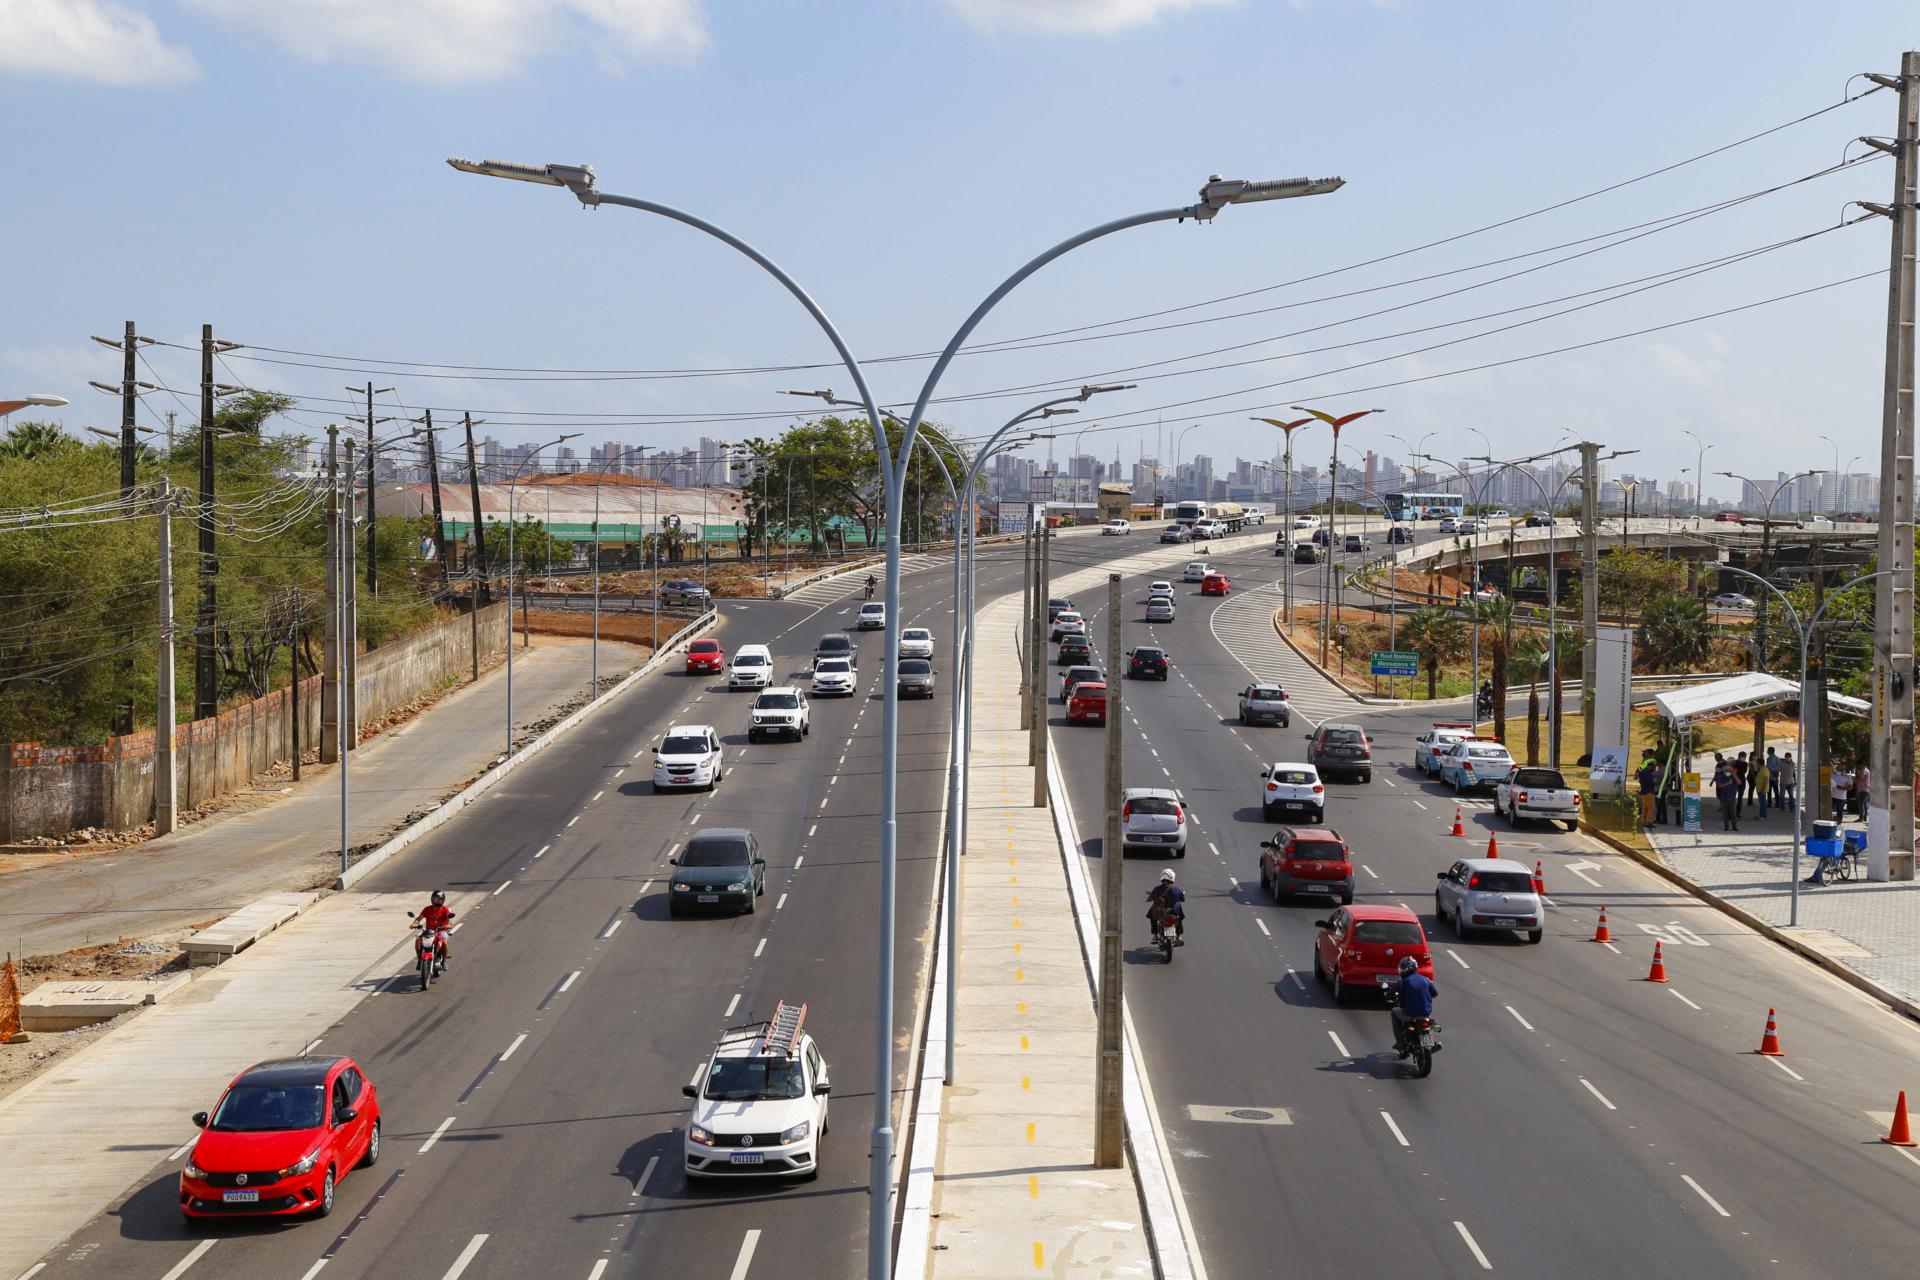 Novo viaduto vai desafogar trânsito e facilitar acesso de turistas à Rede Hoteleira em Fortaleza-Ce